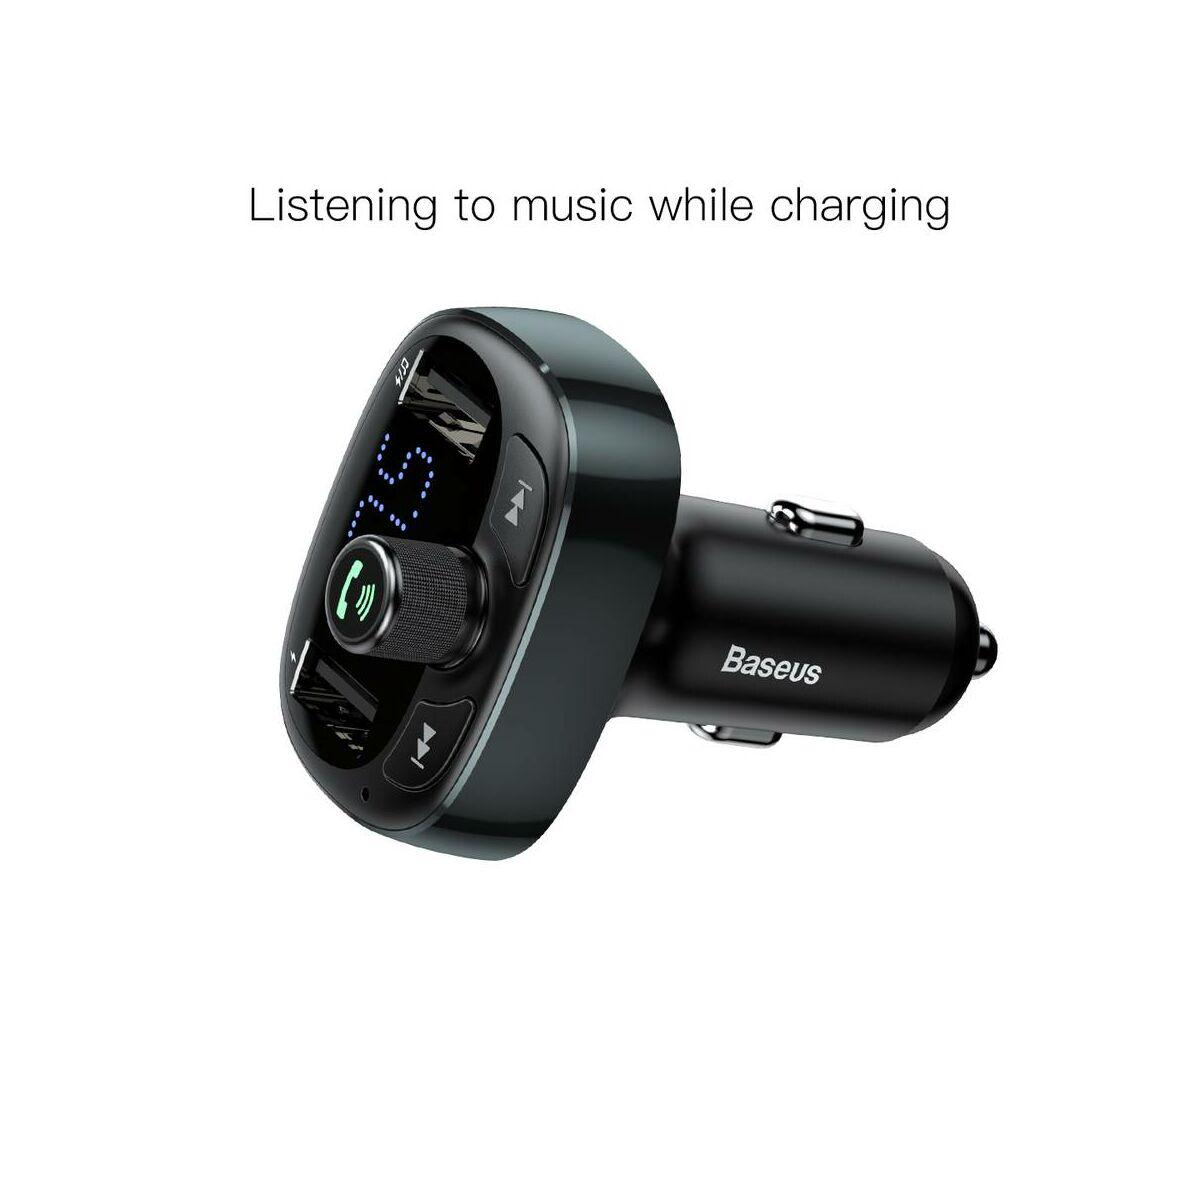 Baseus autós töltő, Bluetooth Fm Transzmitter T-Typed MP3 USB TF microSD 3.4A, matt (CCALL-TM0A)